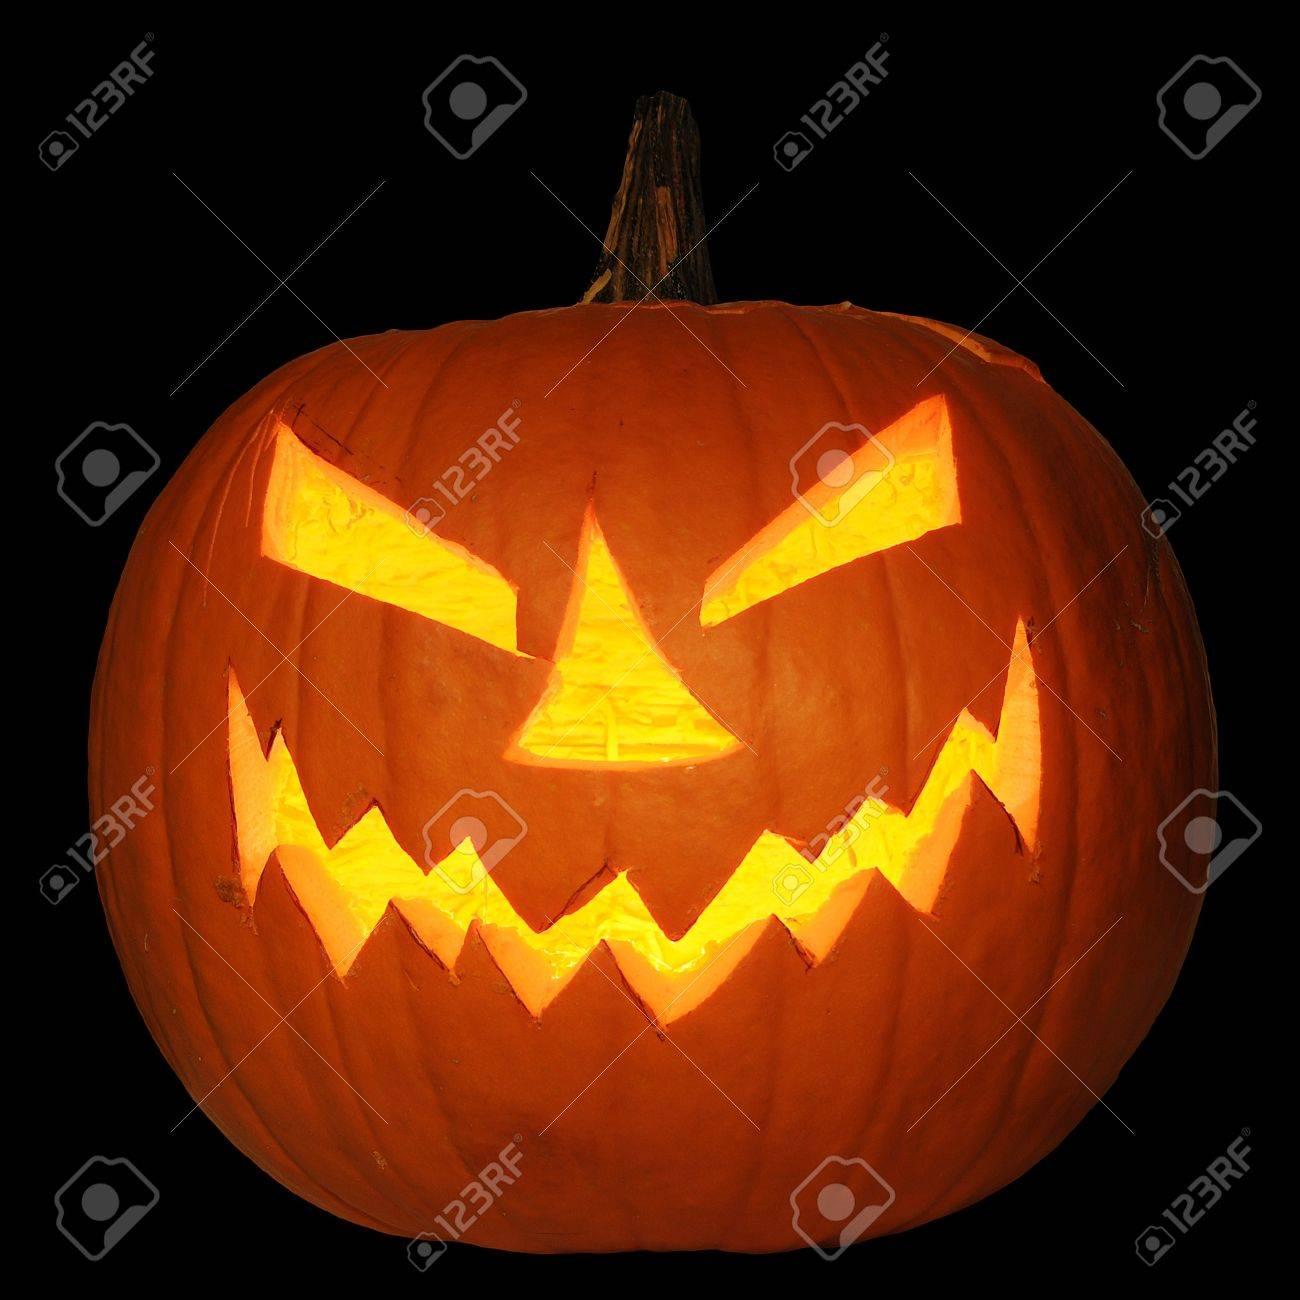 Pompoen Halloween.Scary Halloween Pompoen Jack O Lantern Kaars Aangestoken Gea Soleerd Op Zwarte Achtergrond